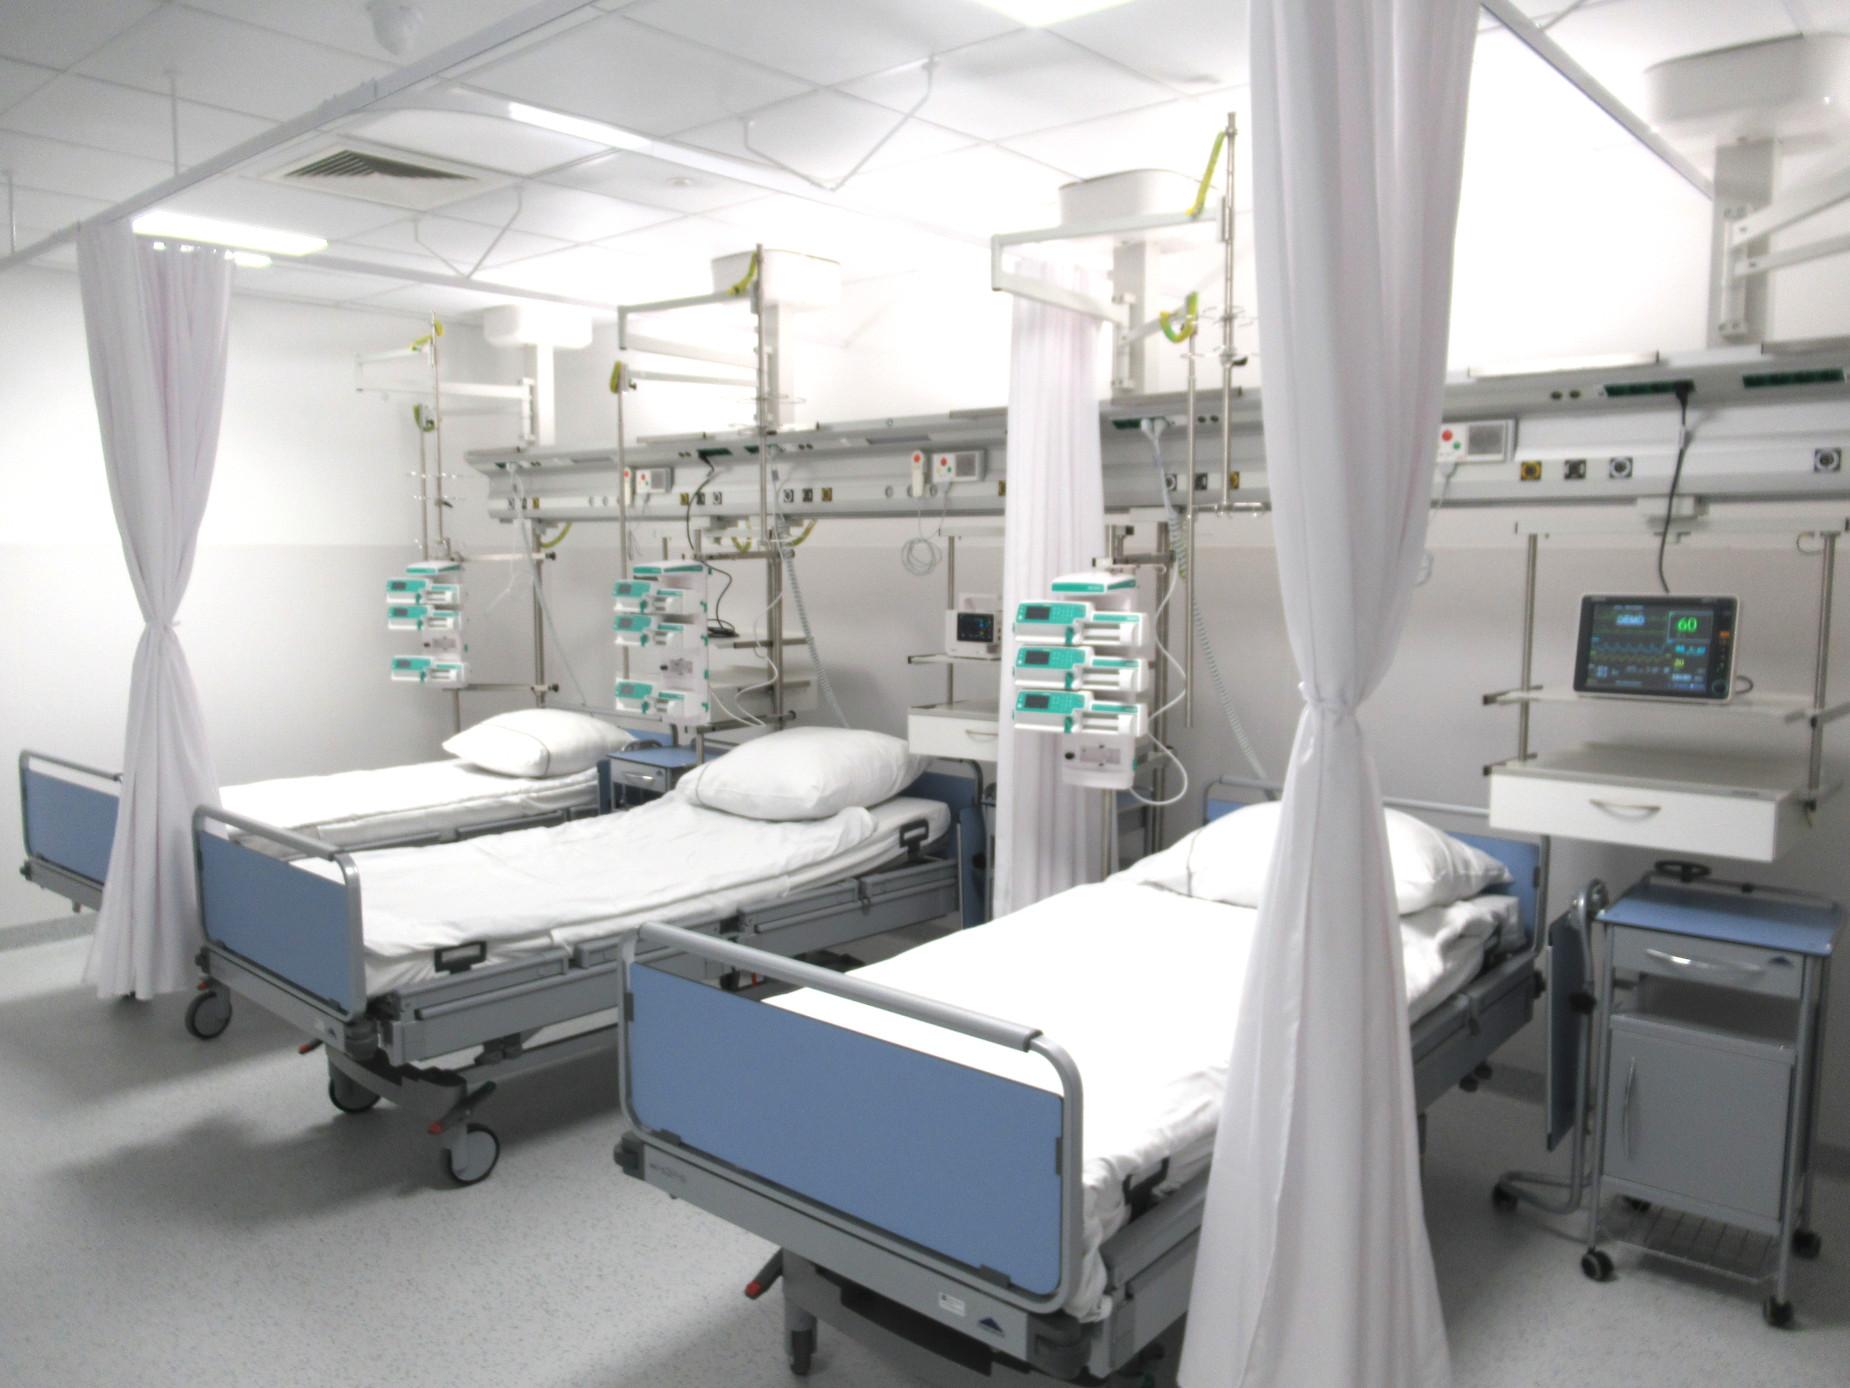 Ministerstwo Zdrowia od 1 czerwca likwiduje szpitale jednoimienne. Jak podaje z powodu małej liczby chorych na COVID-19